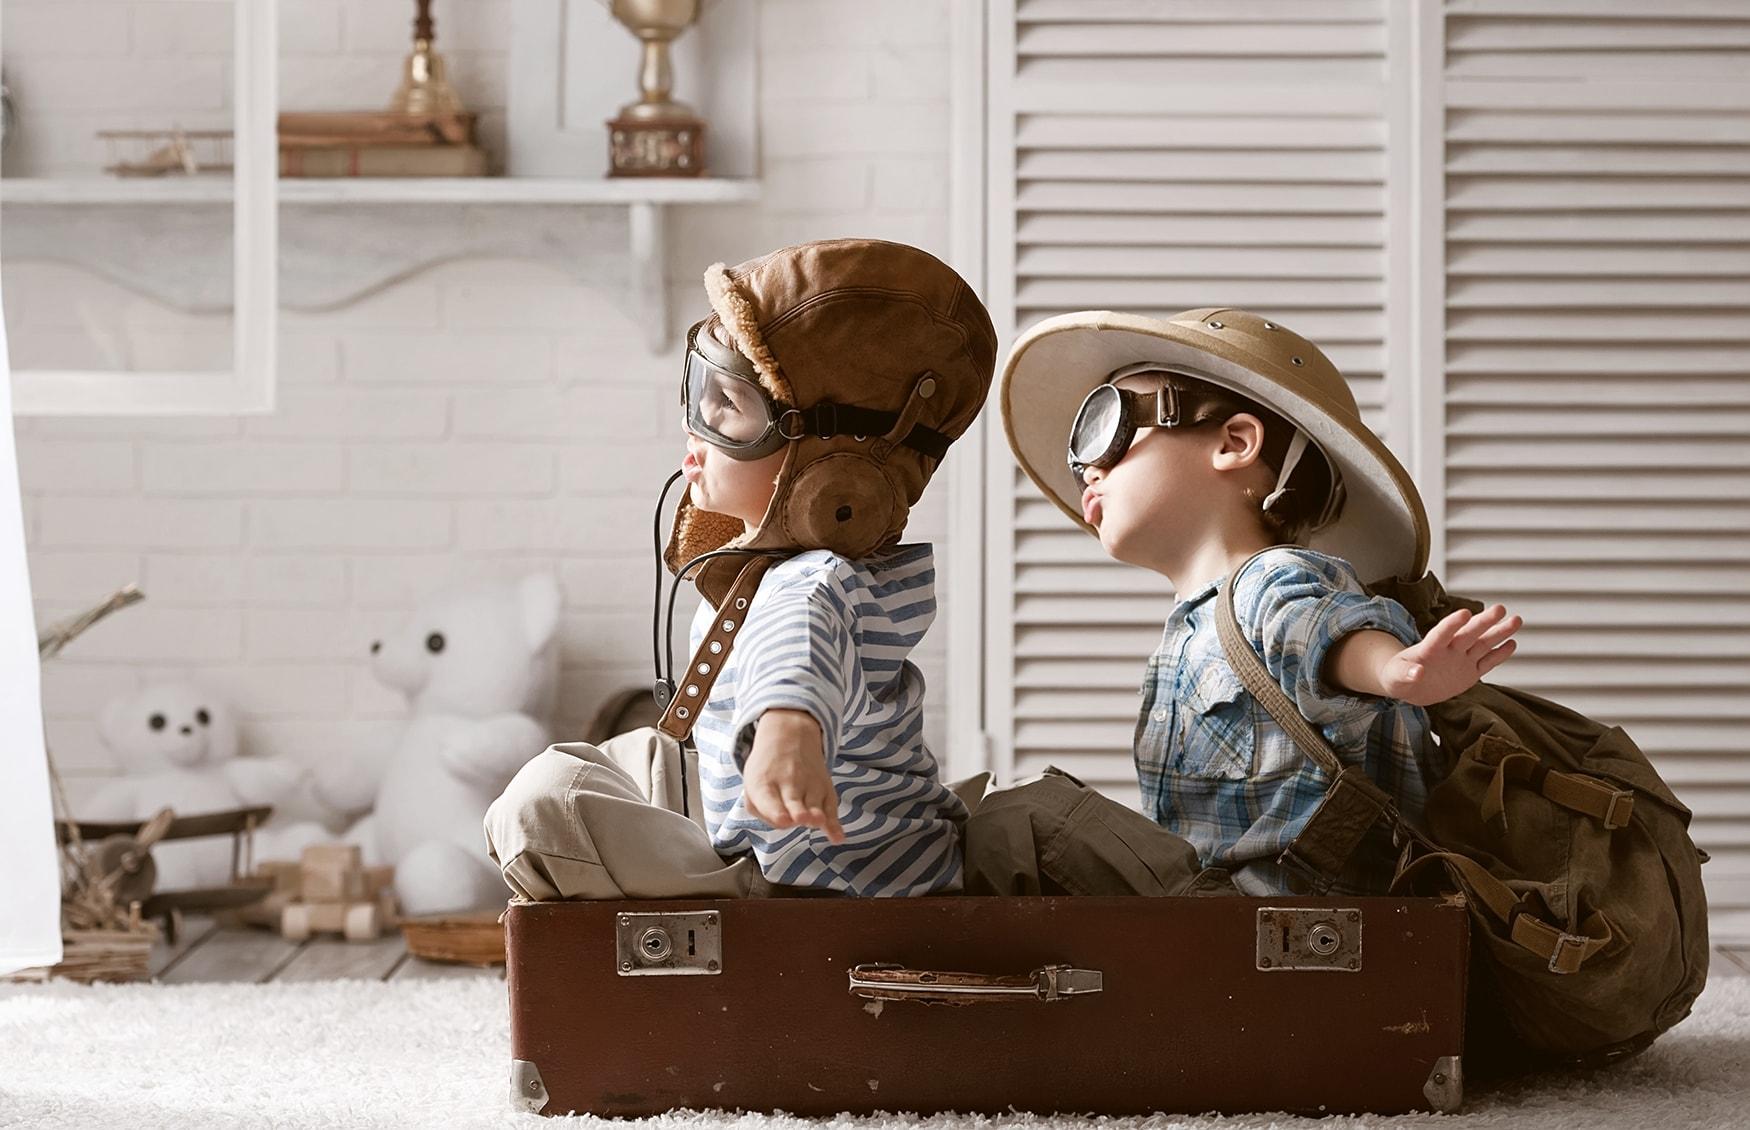 Zwei kleine Kinder sind als Piloten verkleidet und spielen Reise um die Welt